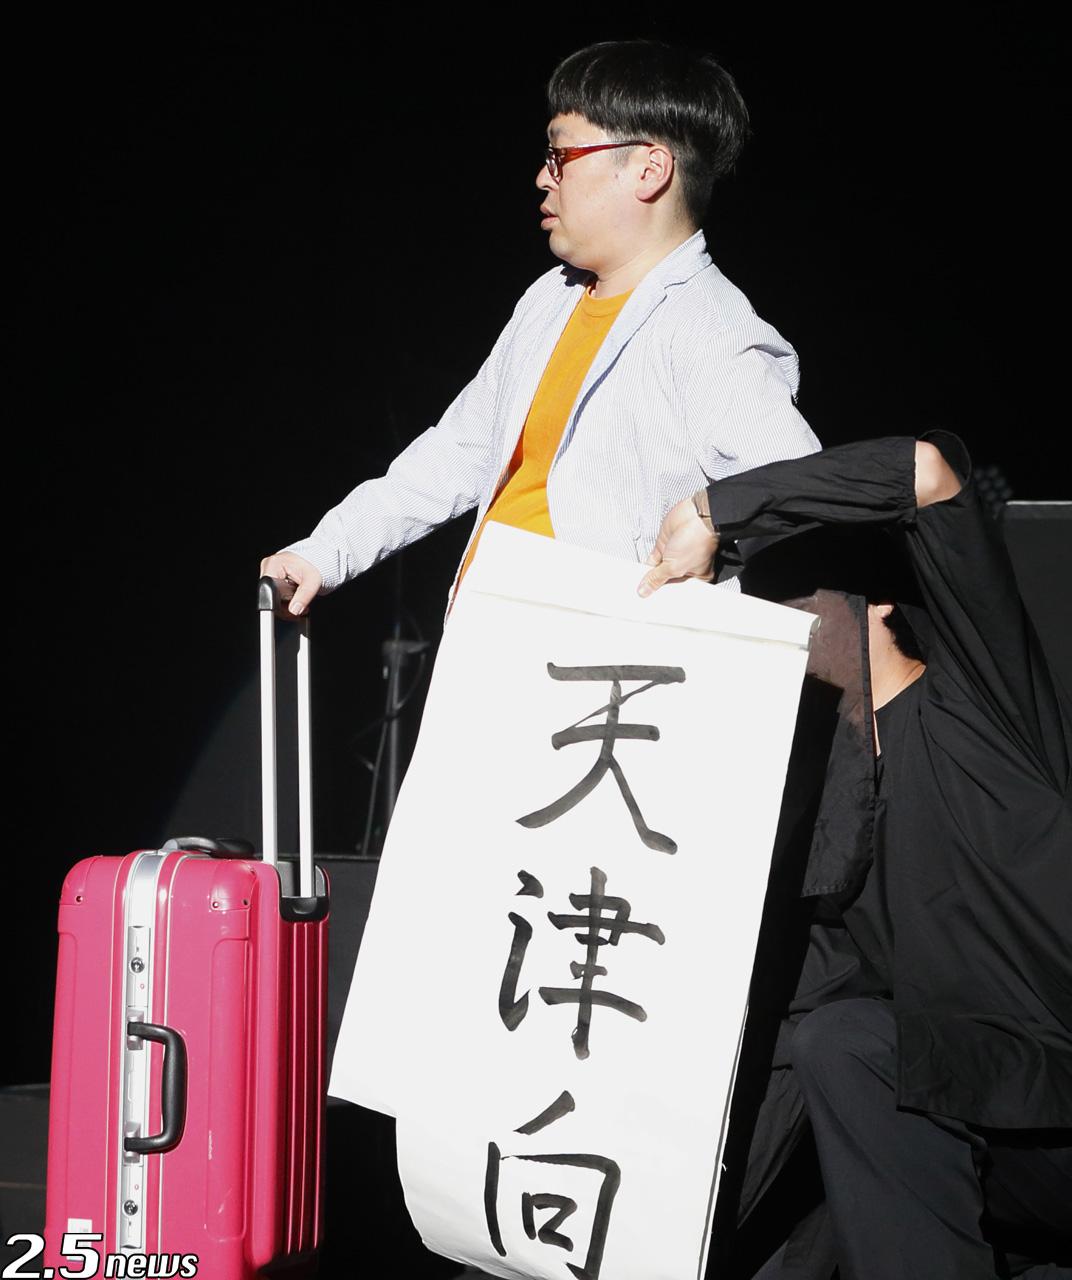 劇団アニメ座ハイブリッドー舞台俳優は伊達じゃない!ー